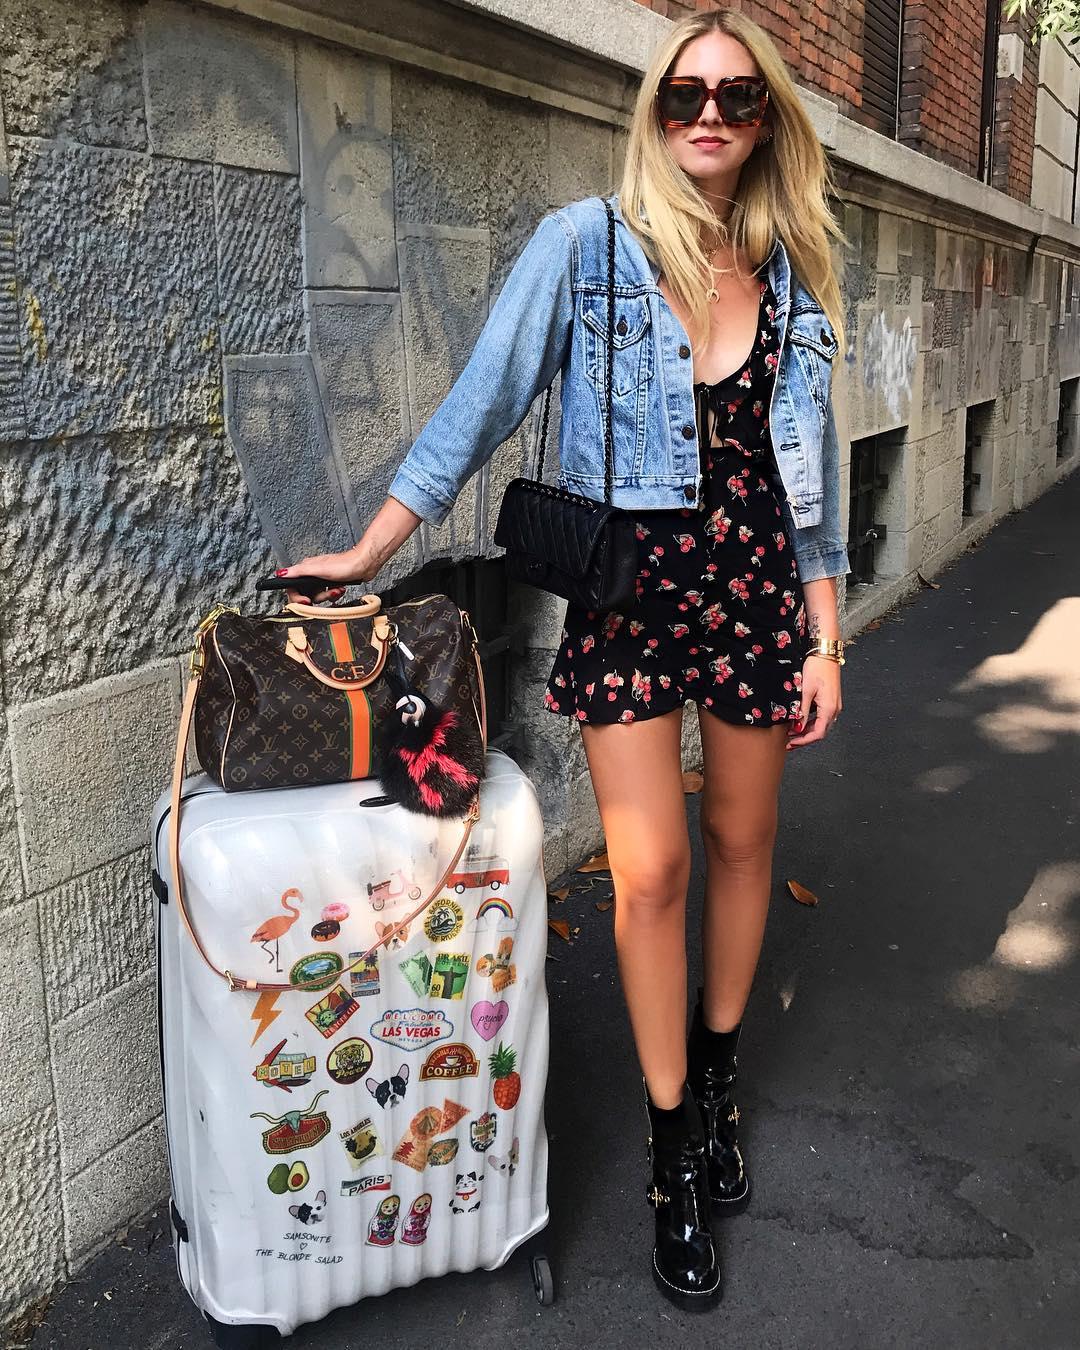 Học cách mặc đẹp từ tín đồ thời trang hàng đầu nước Ý Chiara Ferragni